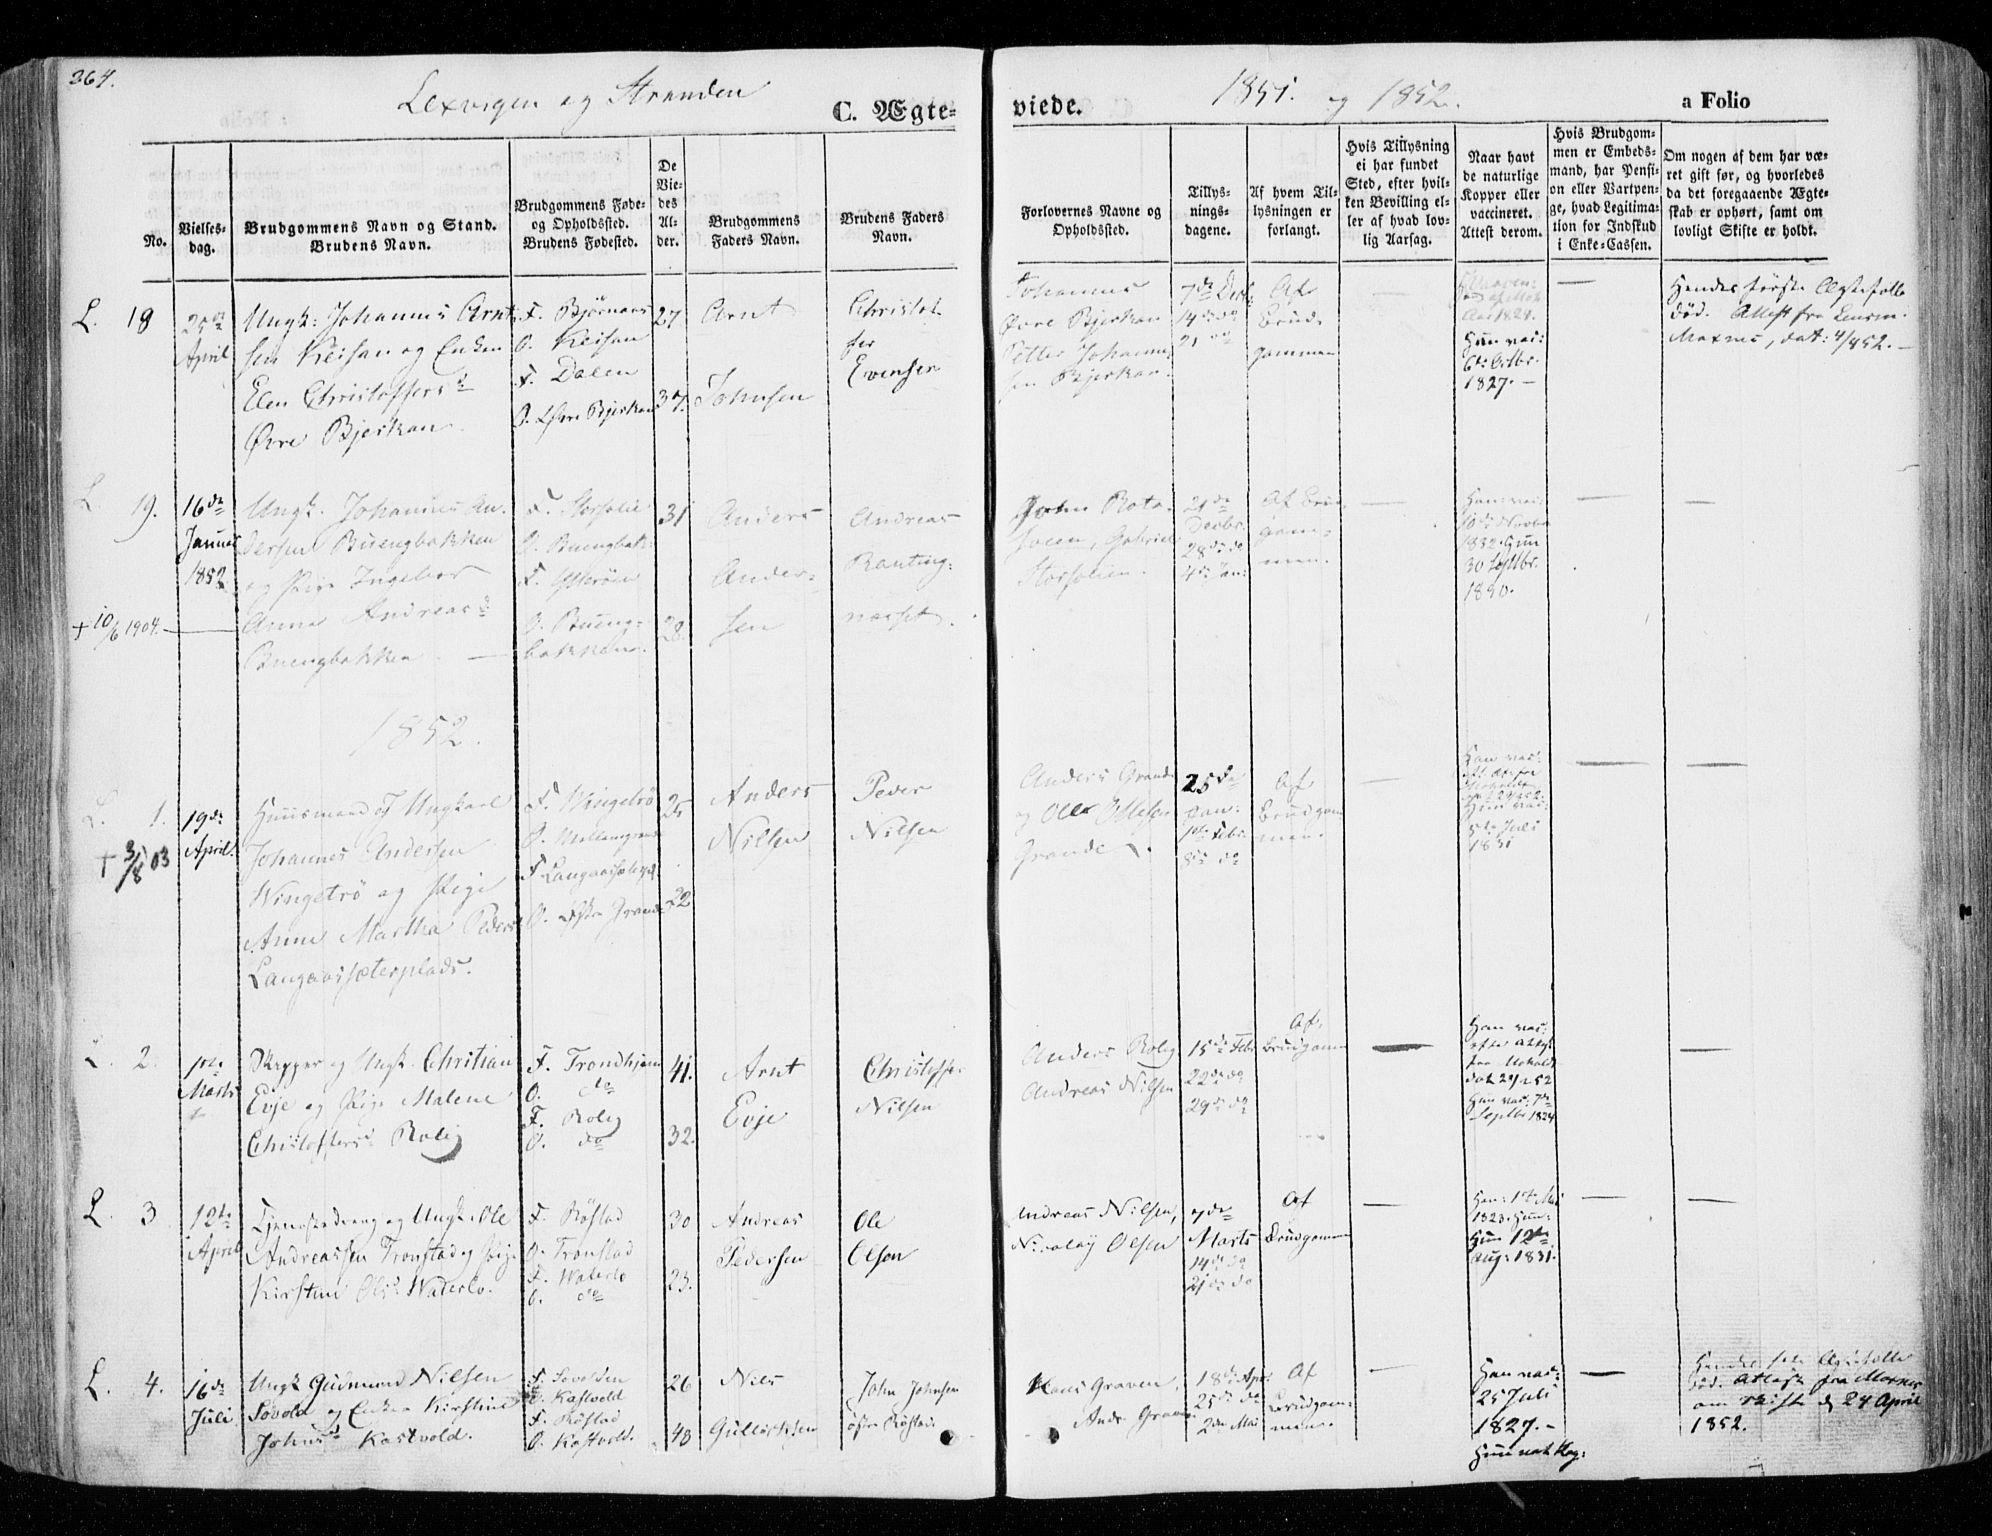 SAT, Ministerialprotokoller, klokkerbøker og fødselsregistre - Nord-Trøndelag, 701/L0007: Ministerialbok nr. 701A07 /1, 1842-1854, s. 264